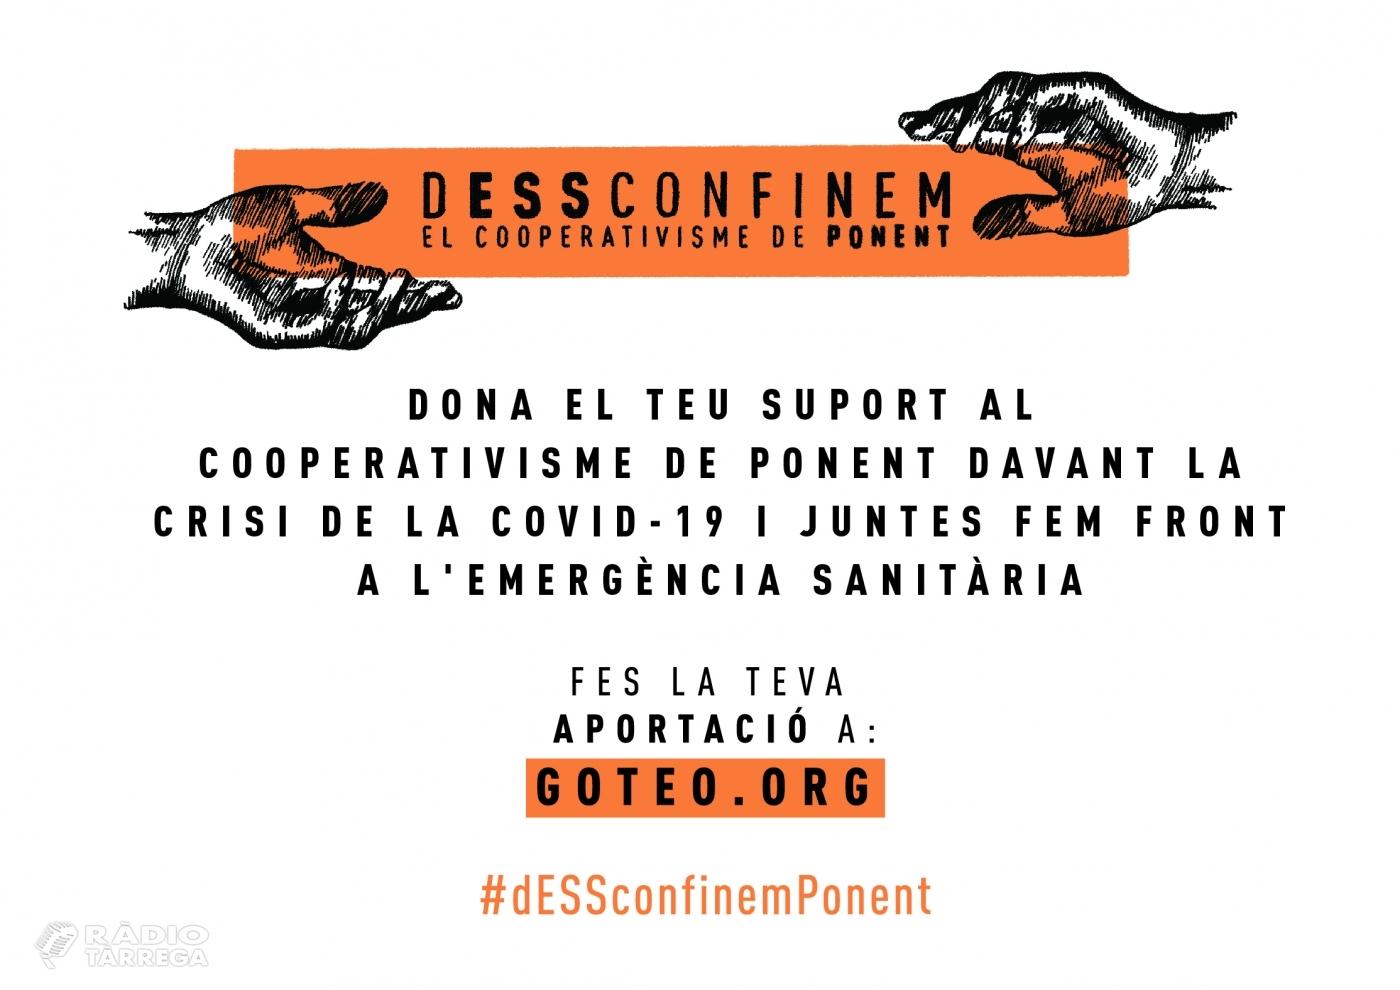 Ponent Coopera llança una campanya de micromecenatge de suport al teixit cooperatiu davant la crisi del coronavirus